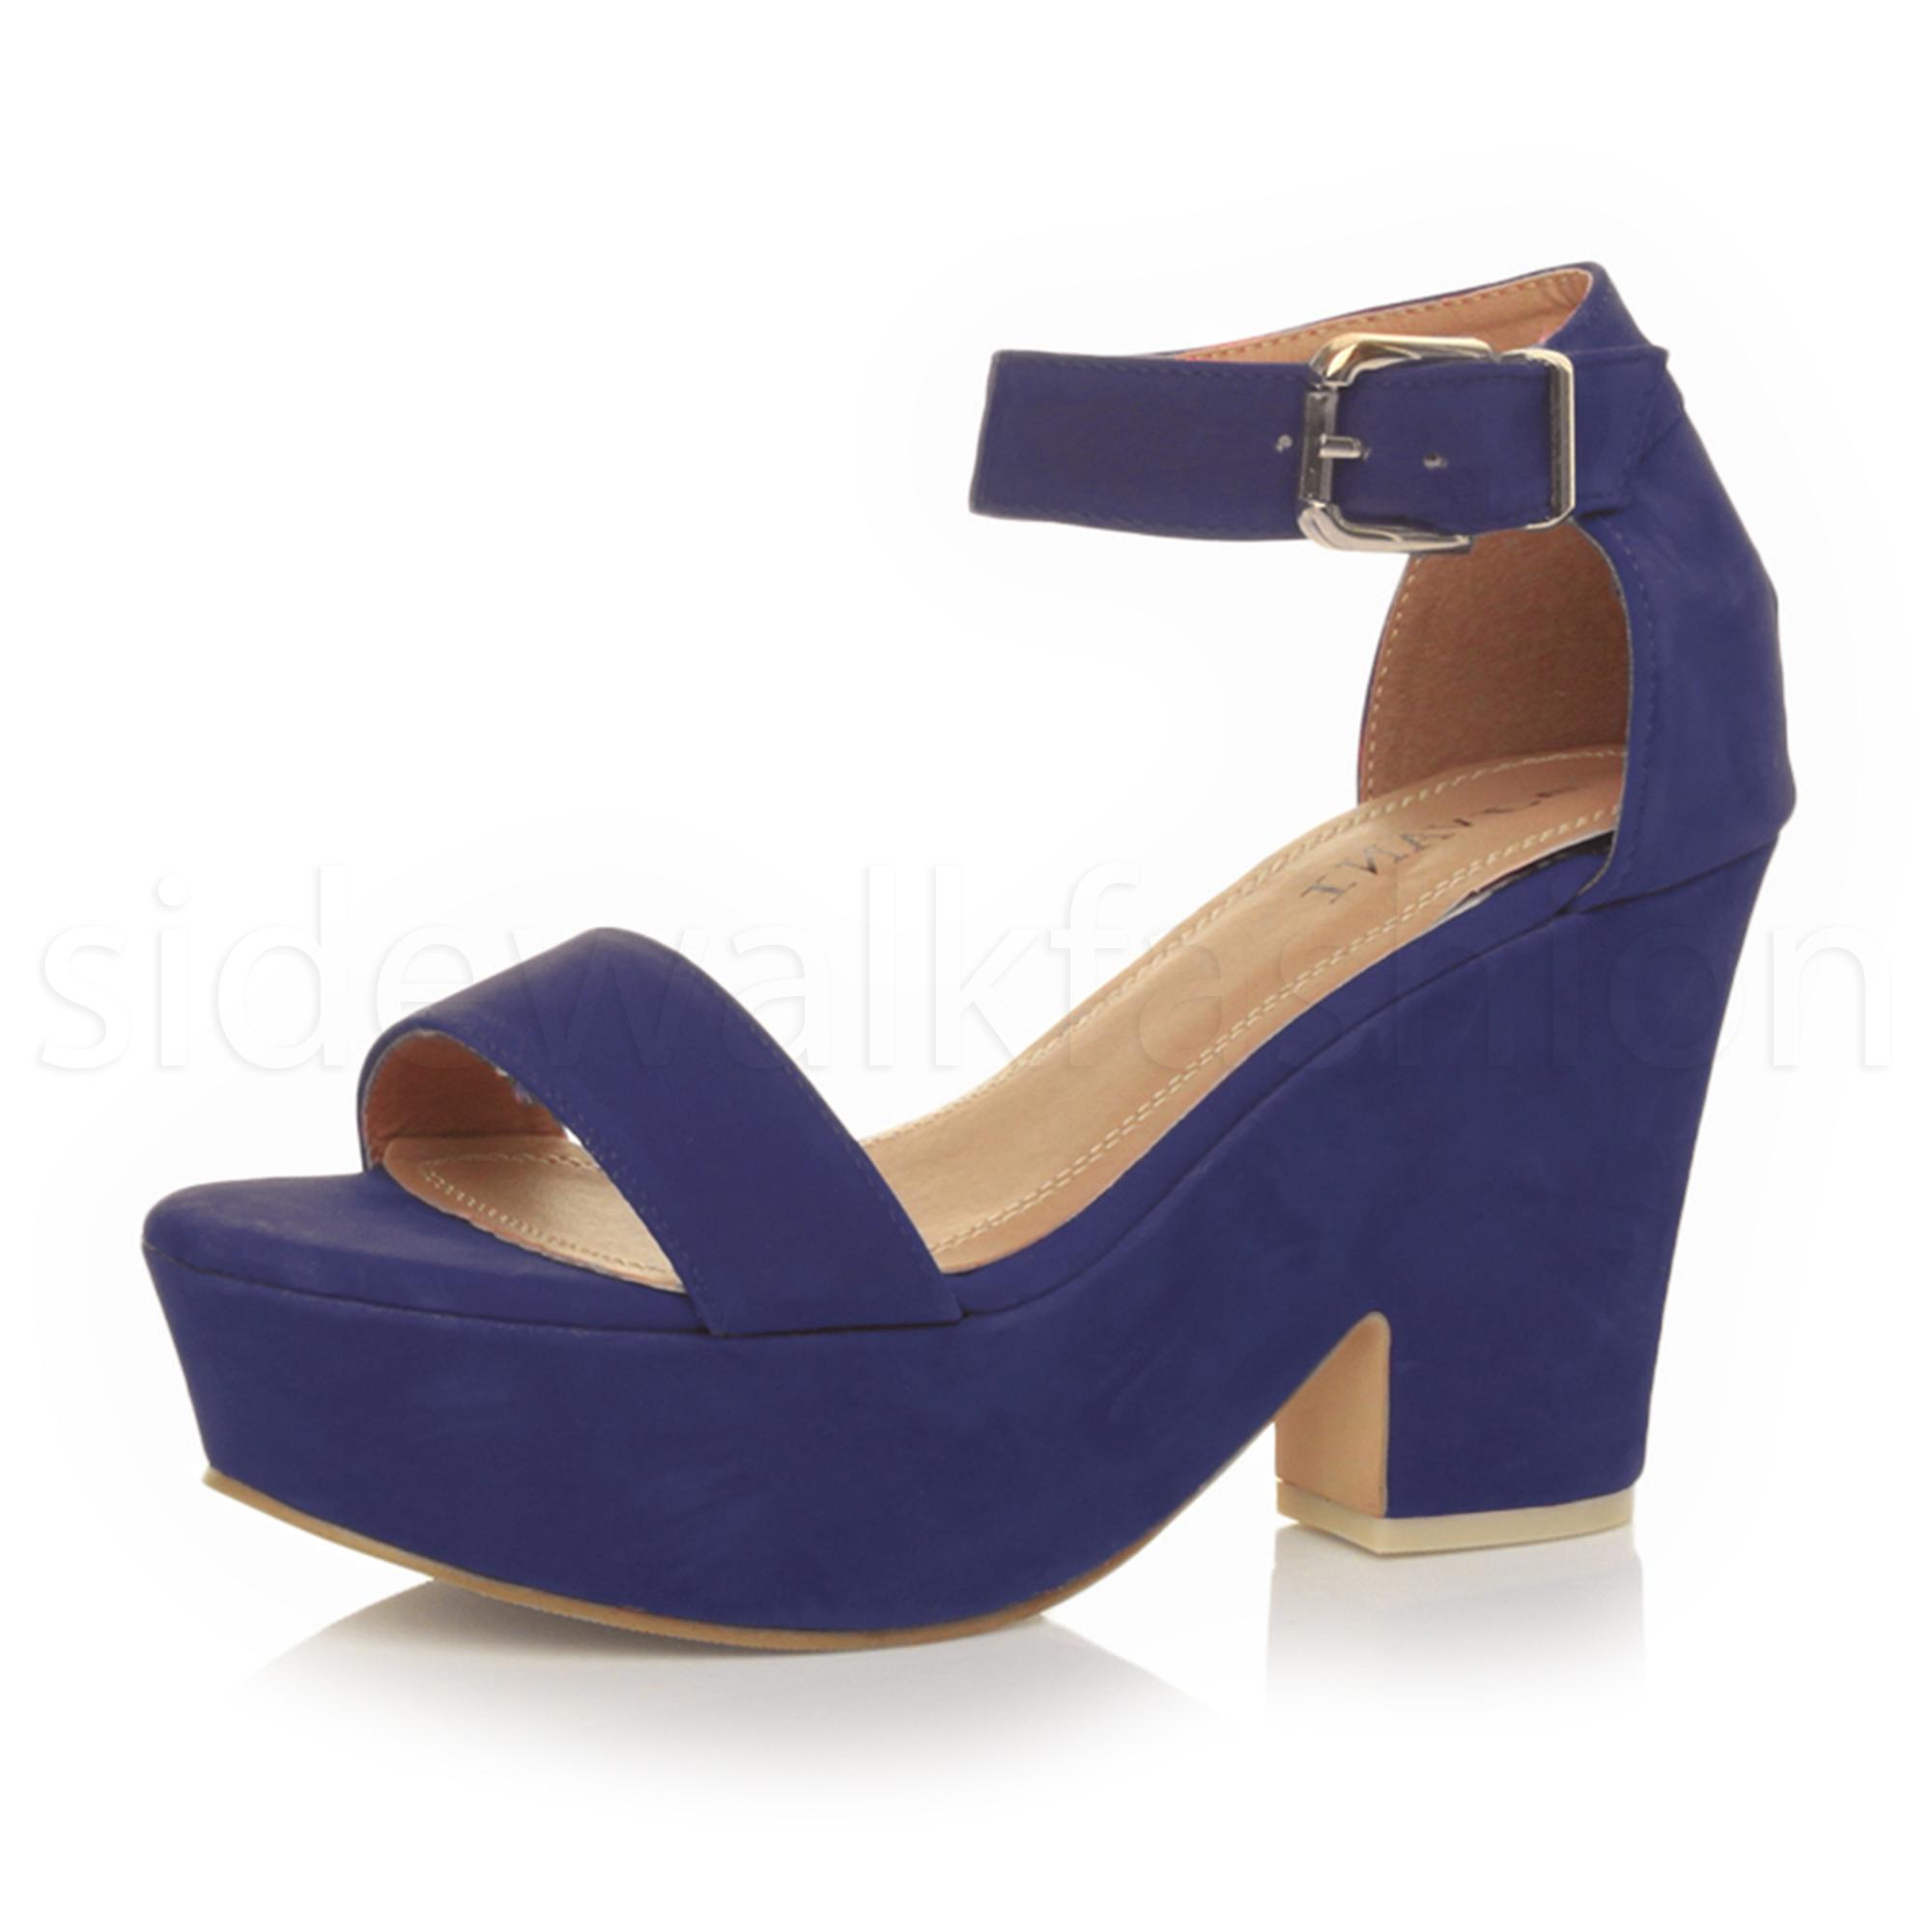 Cobalt Blue Wedge Shoes Uk